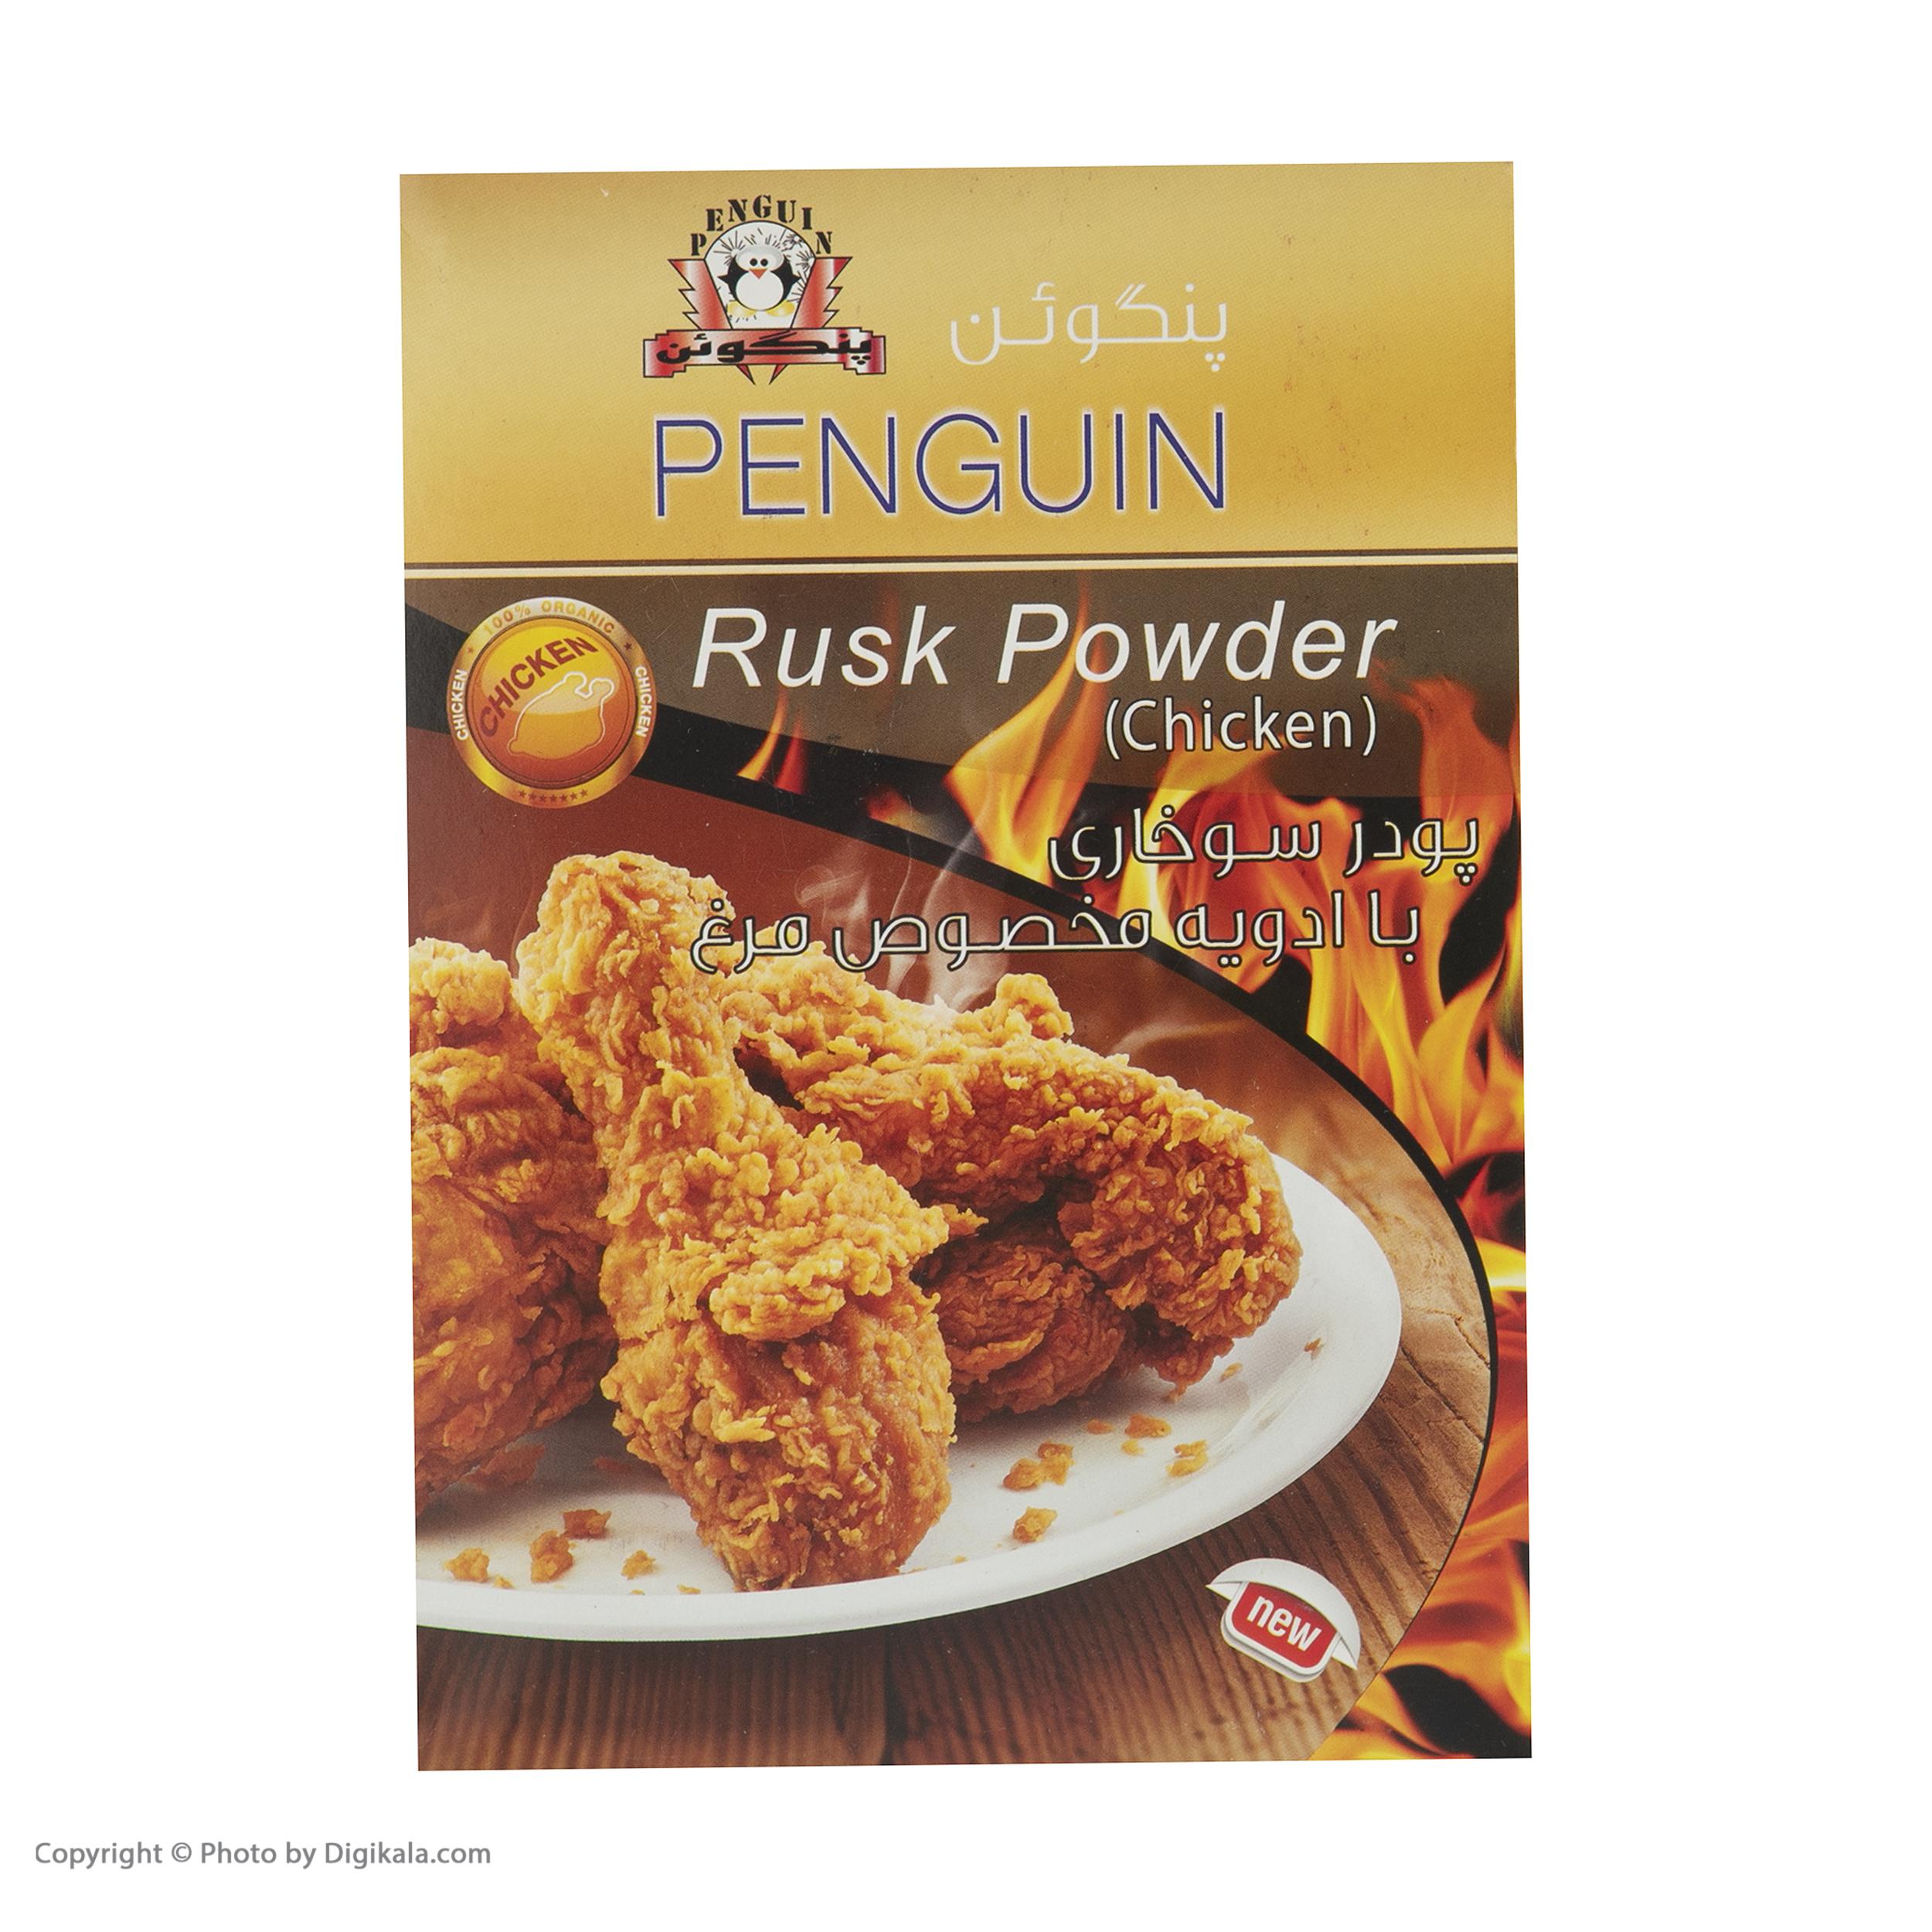 پودر سوخاری پنگوئن با ادویه مخصوص مرغ - 300 گرم